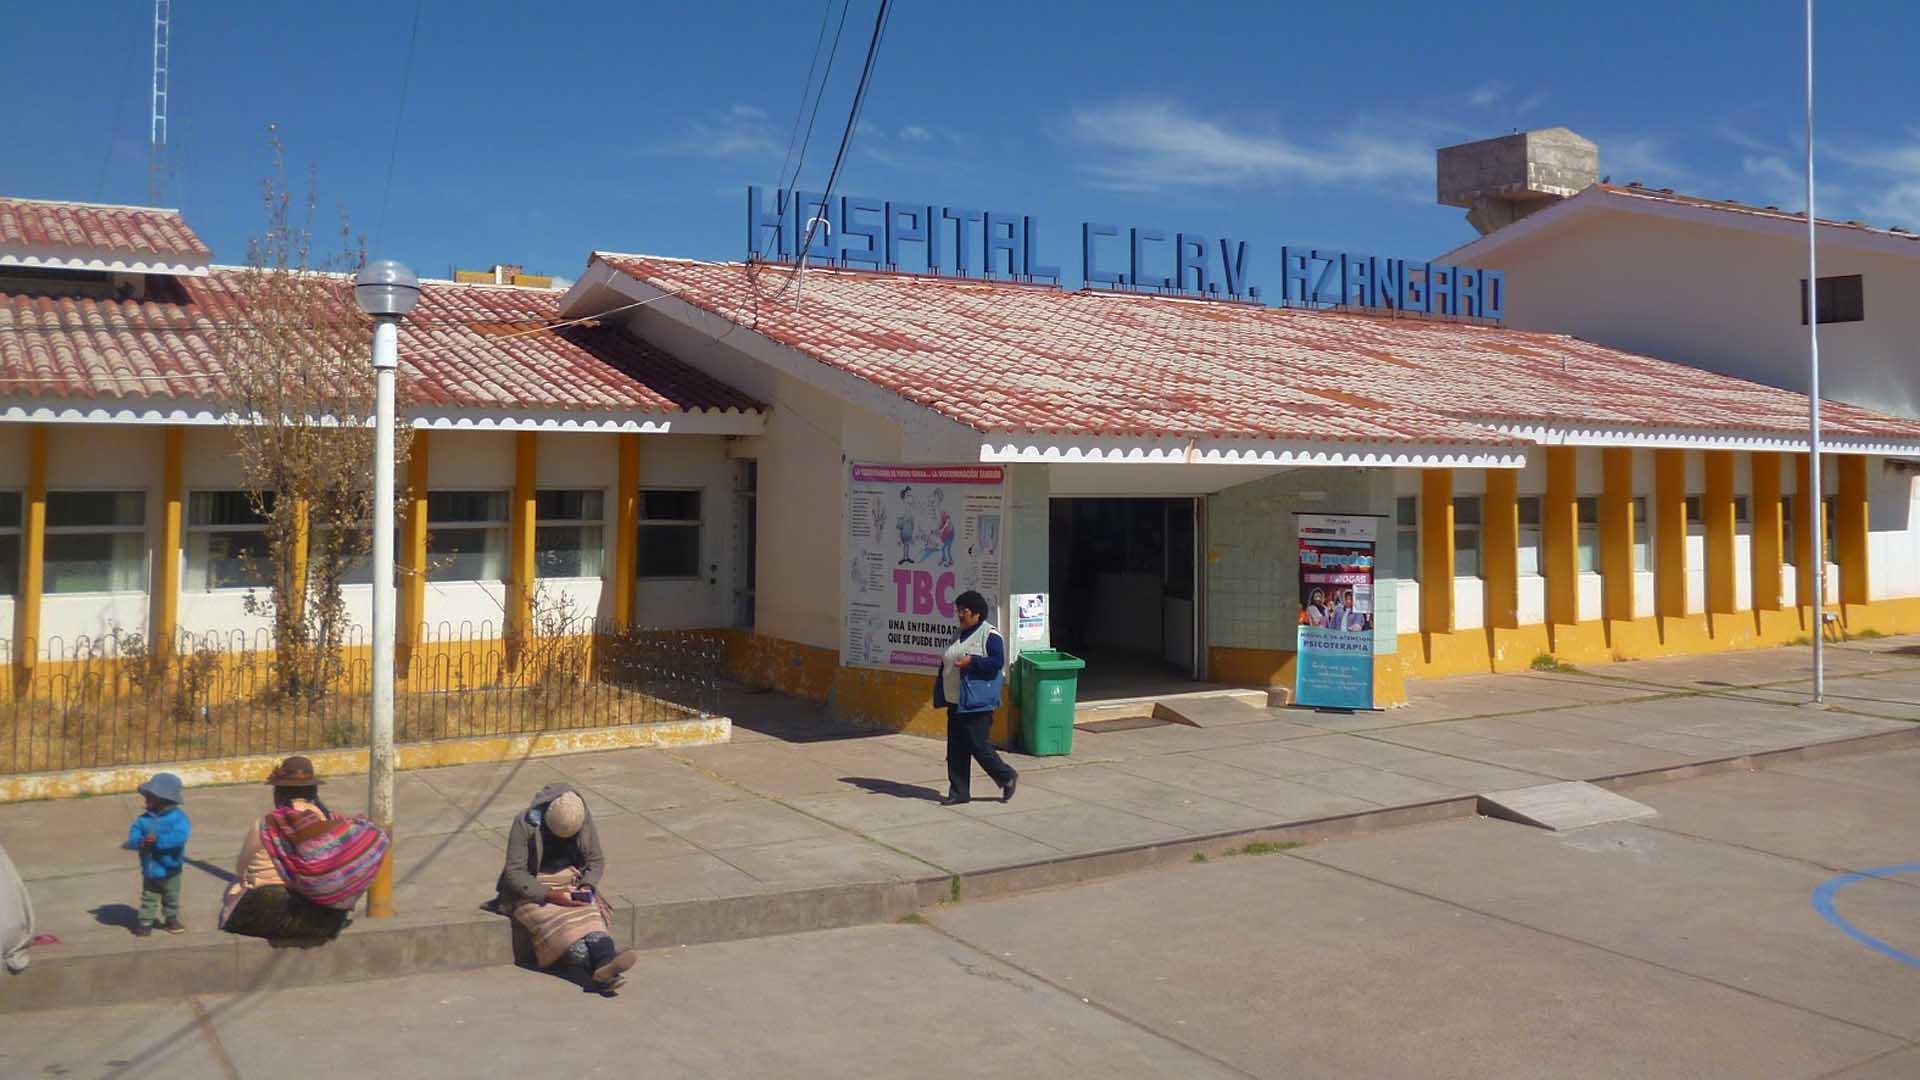 Hospital de Azángaro